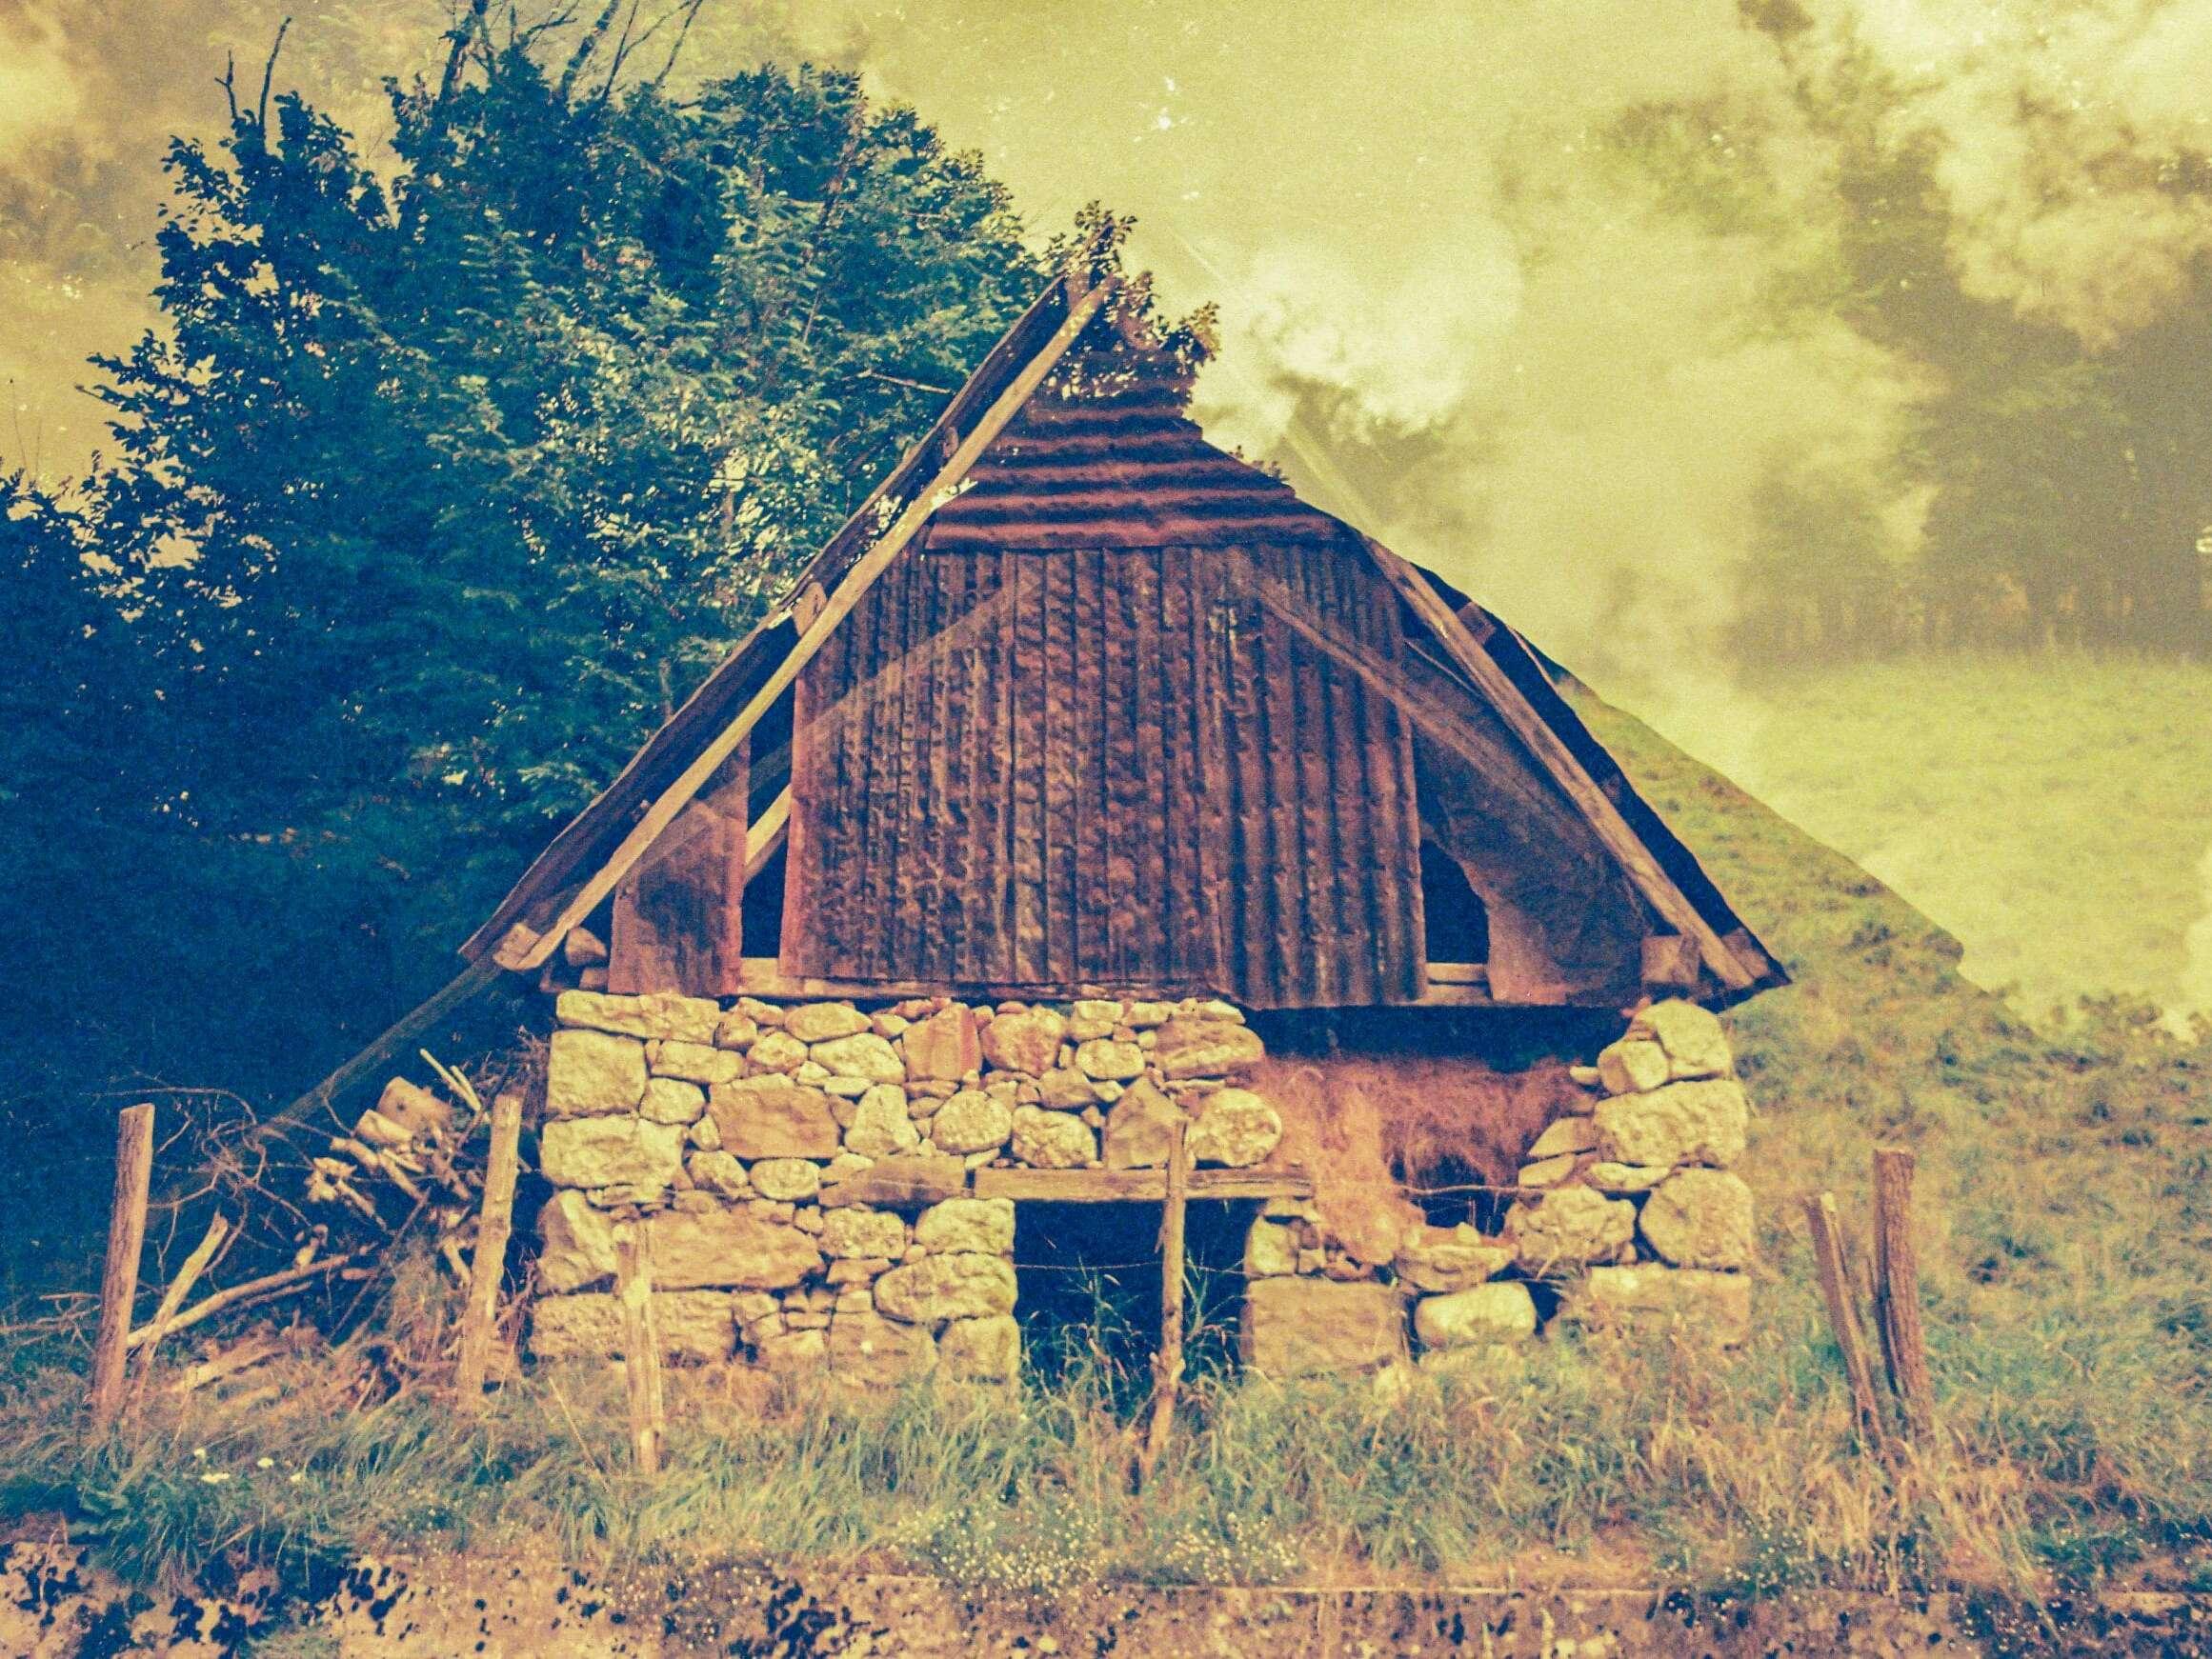 Mehrfachbelichtung einer slowenischen Hütte